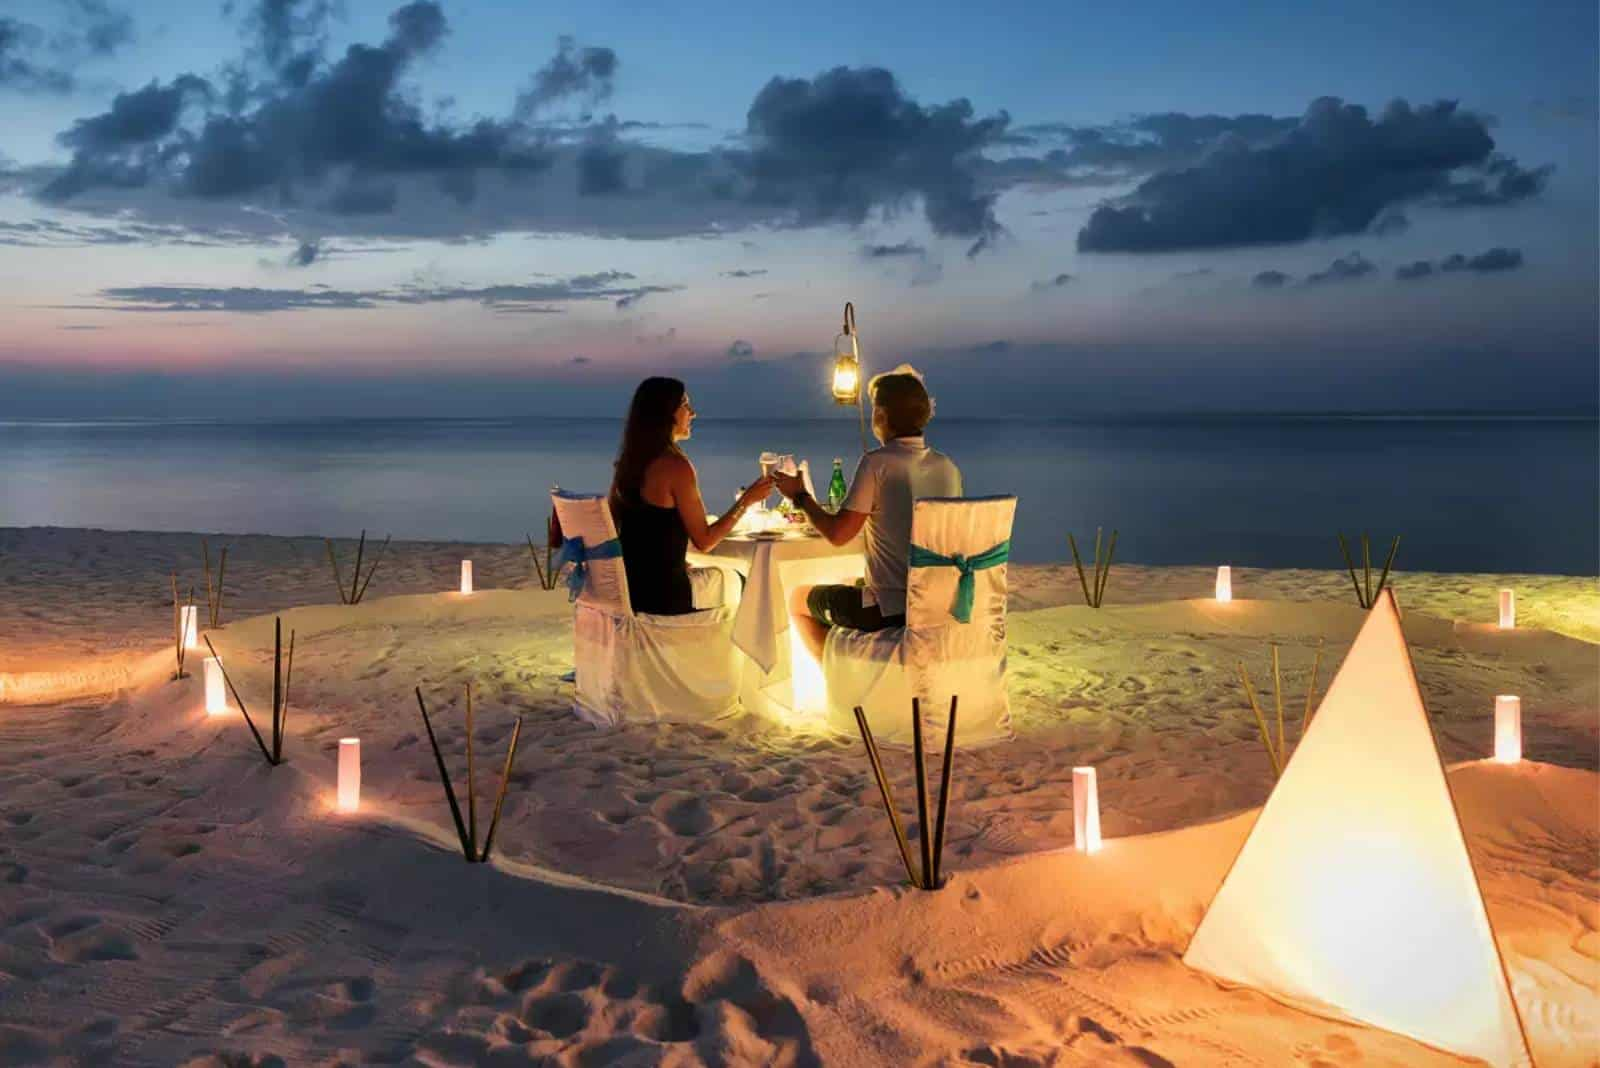 Paar auf Hochzeitsreise am Meer